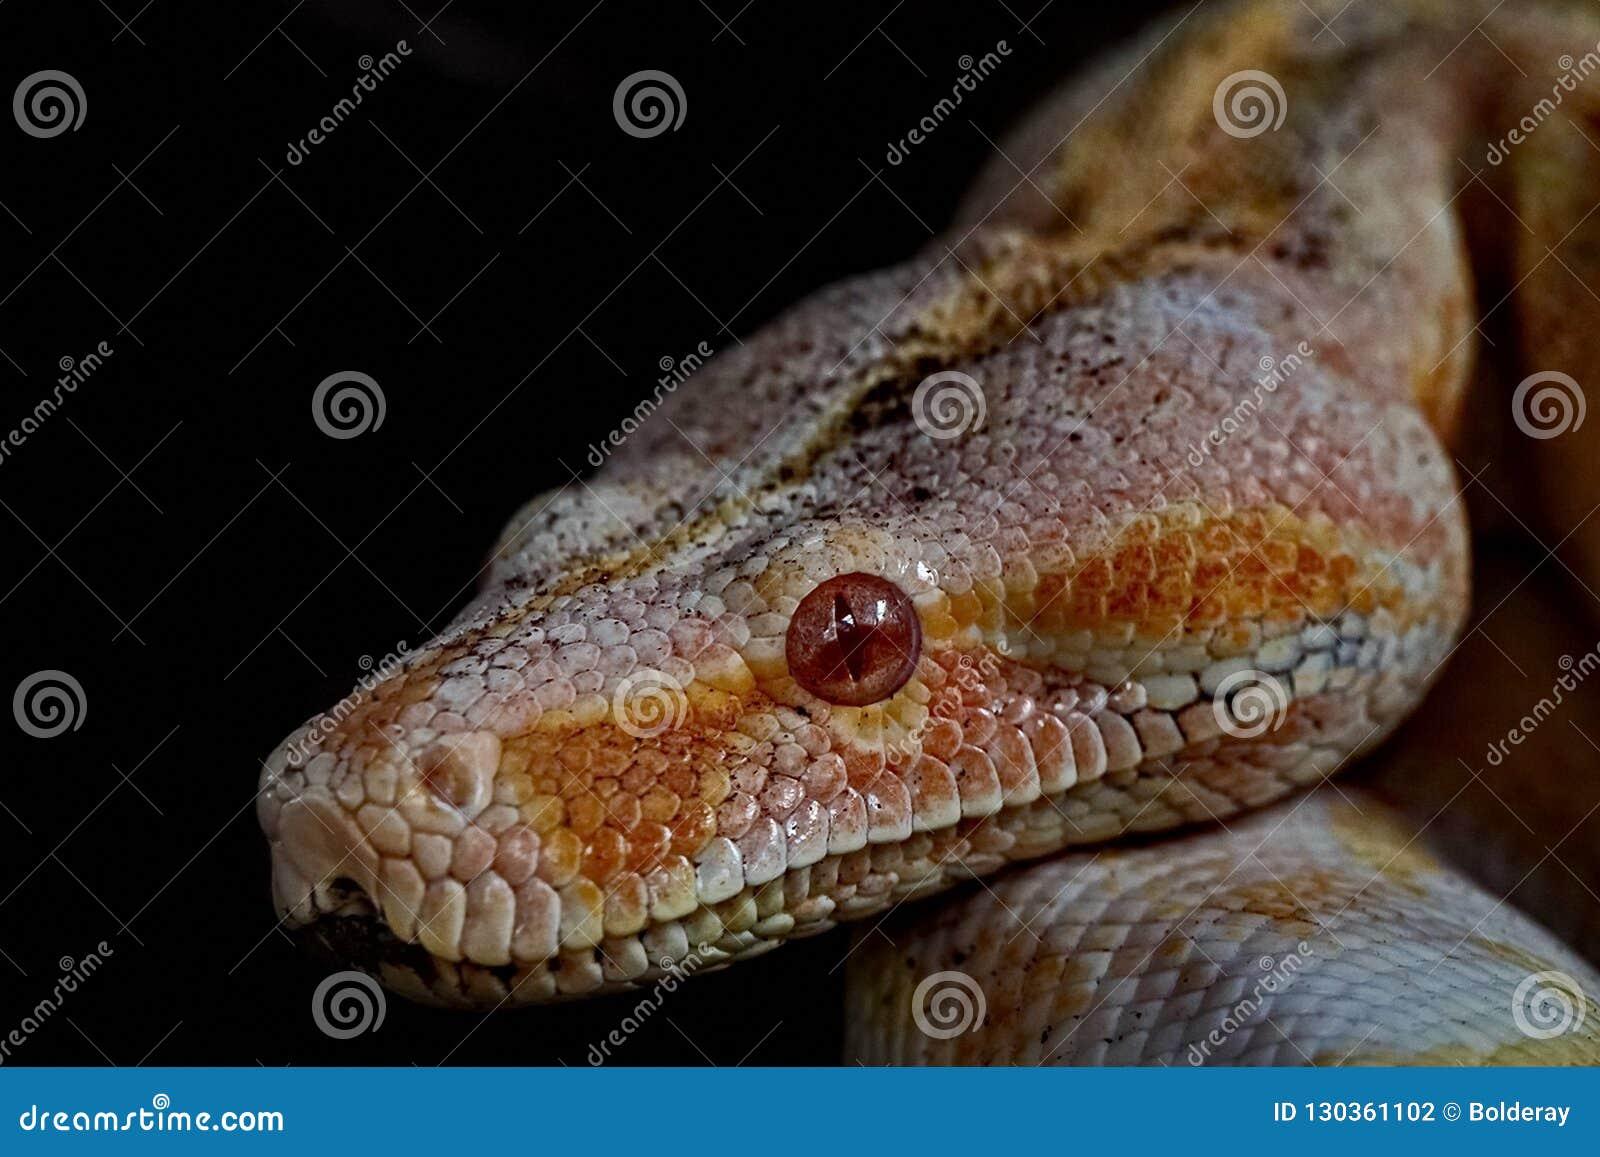 Boa del arco iris Cenchria suramericano de Epicrates del constrictor de boa Una especie terrestre